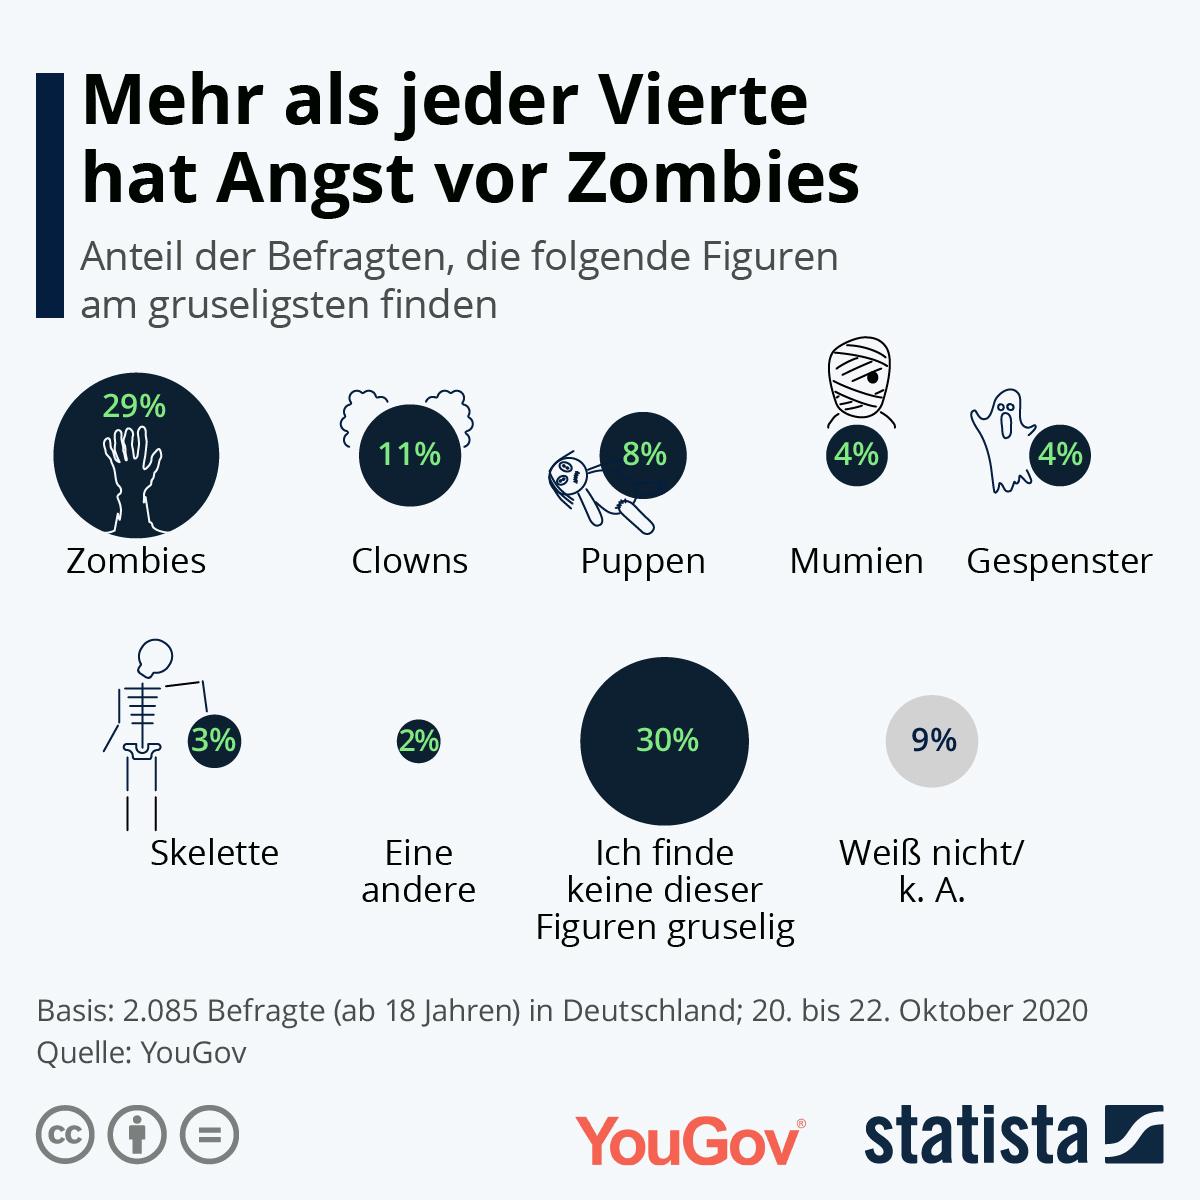 Mehr als jeder Vierte hat Angst vor Zombies